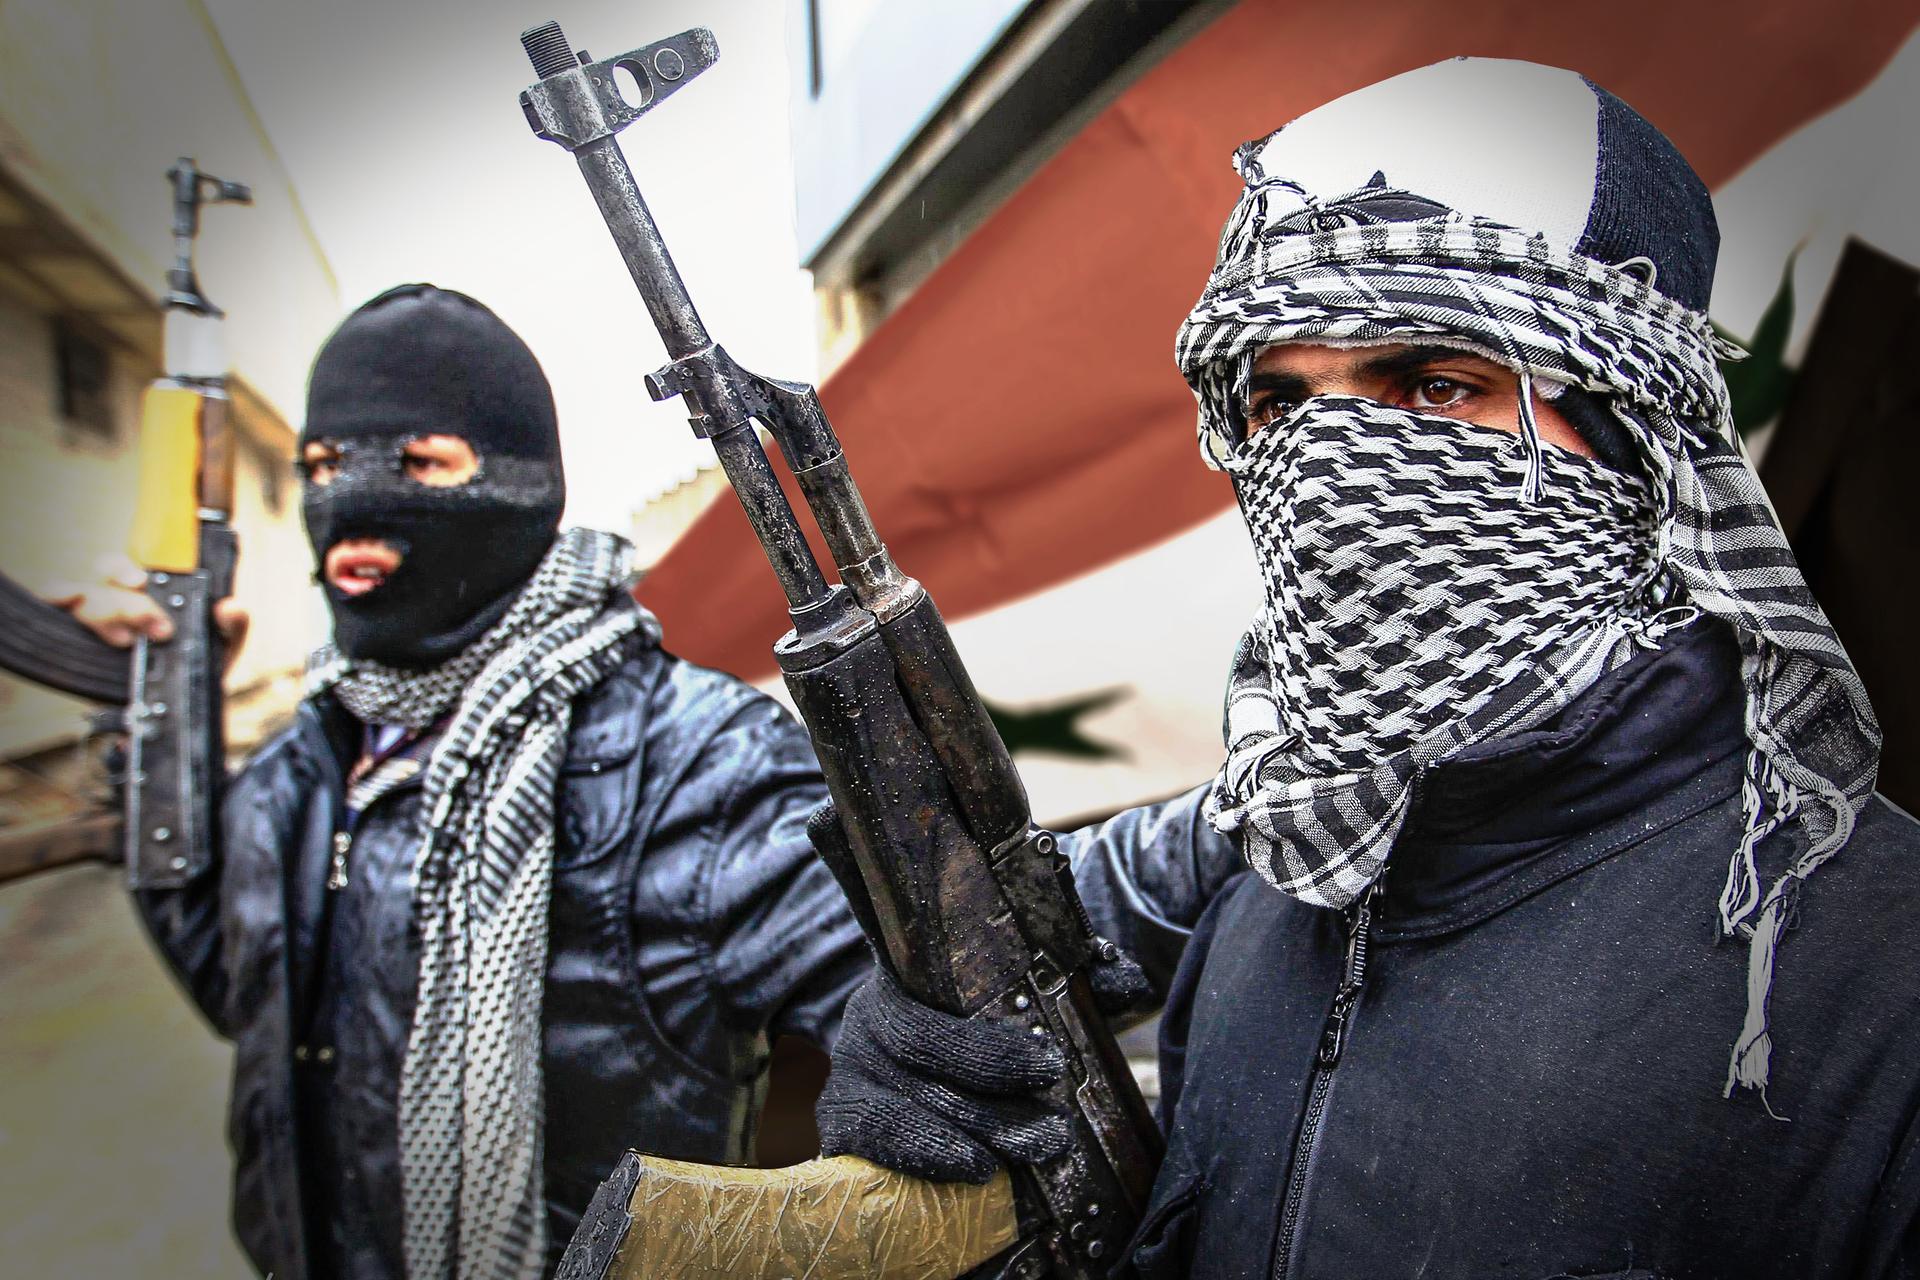 Kolorowe zdjęcie przedstawia dwóch mężczyzn stojących na ulicy. Mężczyźni mają zakryte twarze. Mężczyzna po lewej ma czarną kominiarkę. Mężczyzna po prawej białą czapkę ikraciastą chustę zawiązaną wokół twarzy. Wprawej ręce każdy trzyma karabin. Karabin skierowany lufą wgórę. Wtle, za mężczyznami, flaga Syrii. Po lewej budynki mieszkalne.